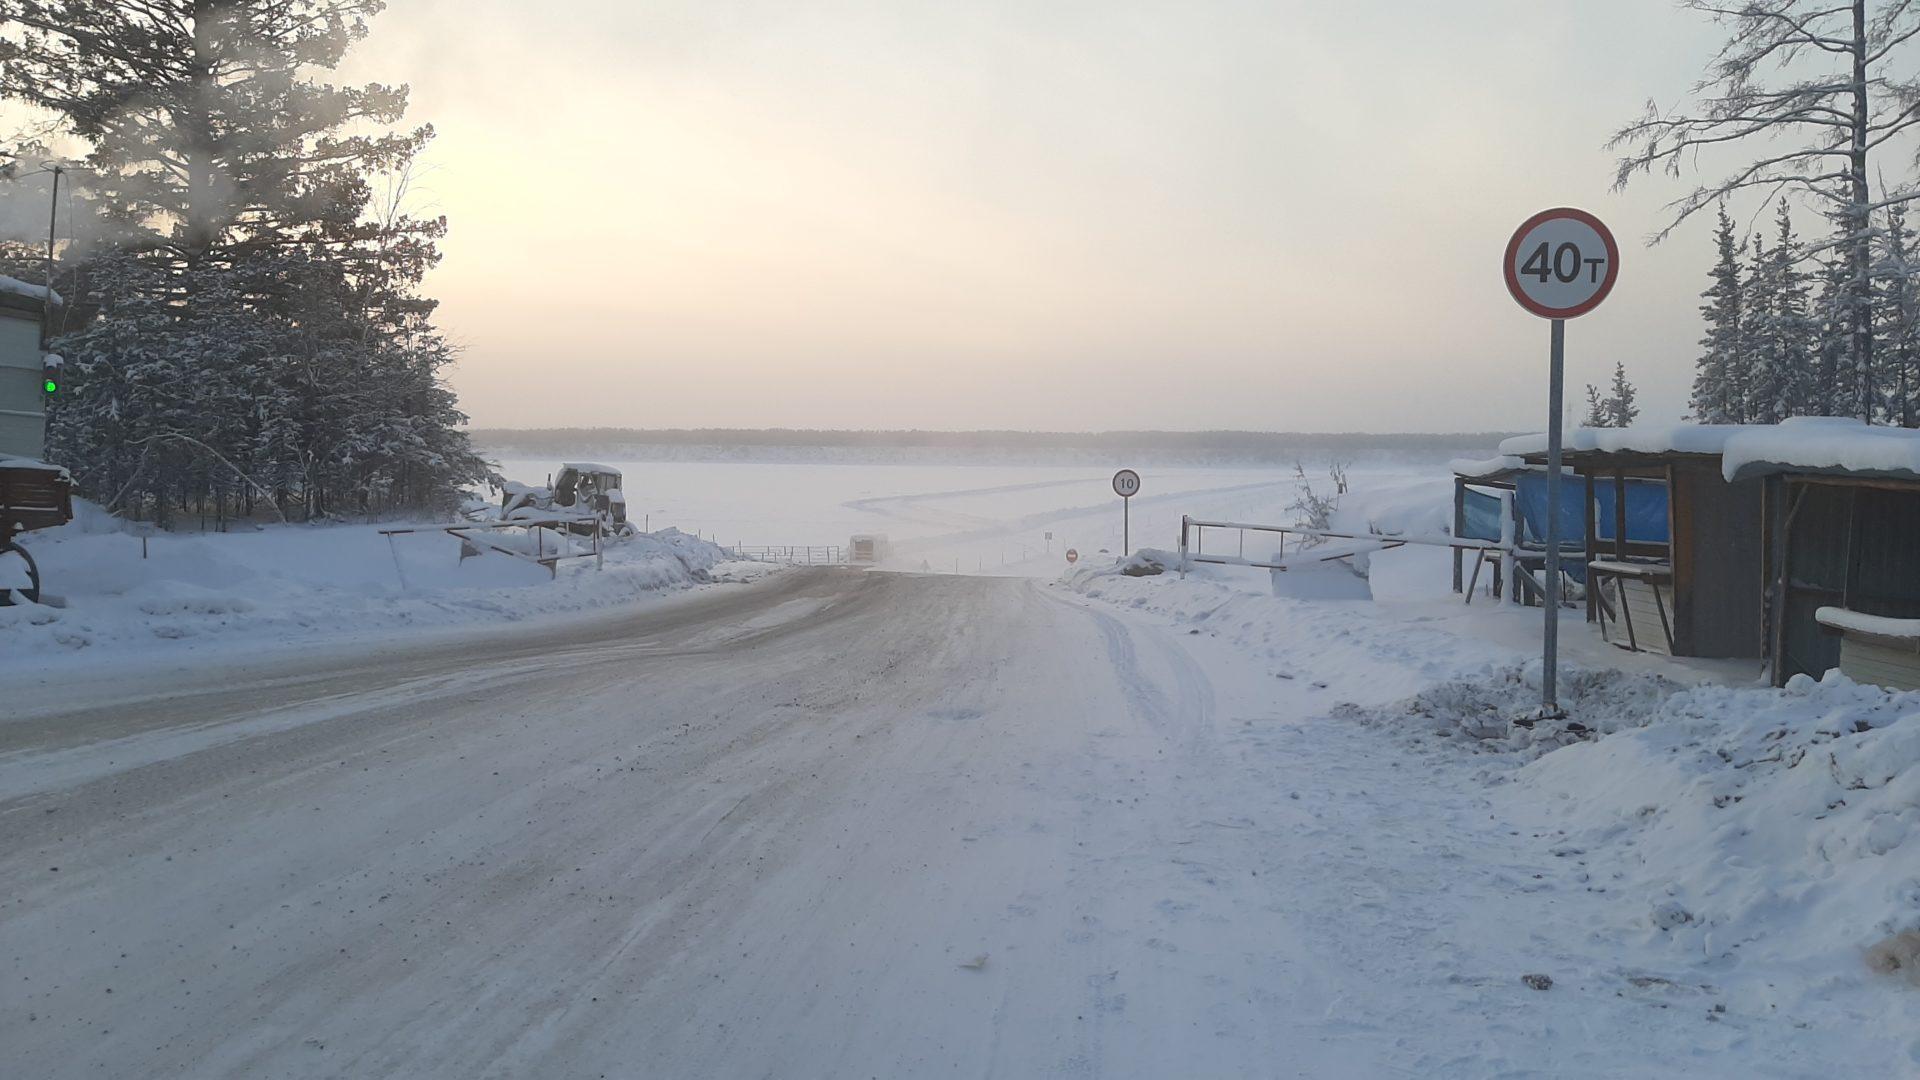 На двух ледовых переправах федеральной автодороги А-331 «Вилюй» увеличена грузоподъемность